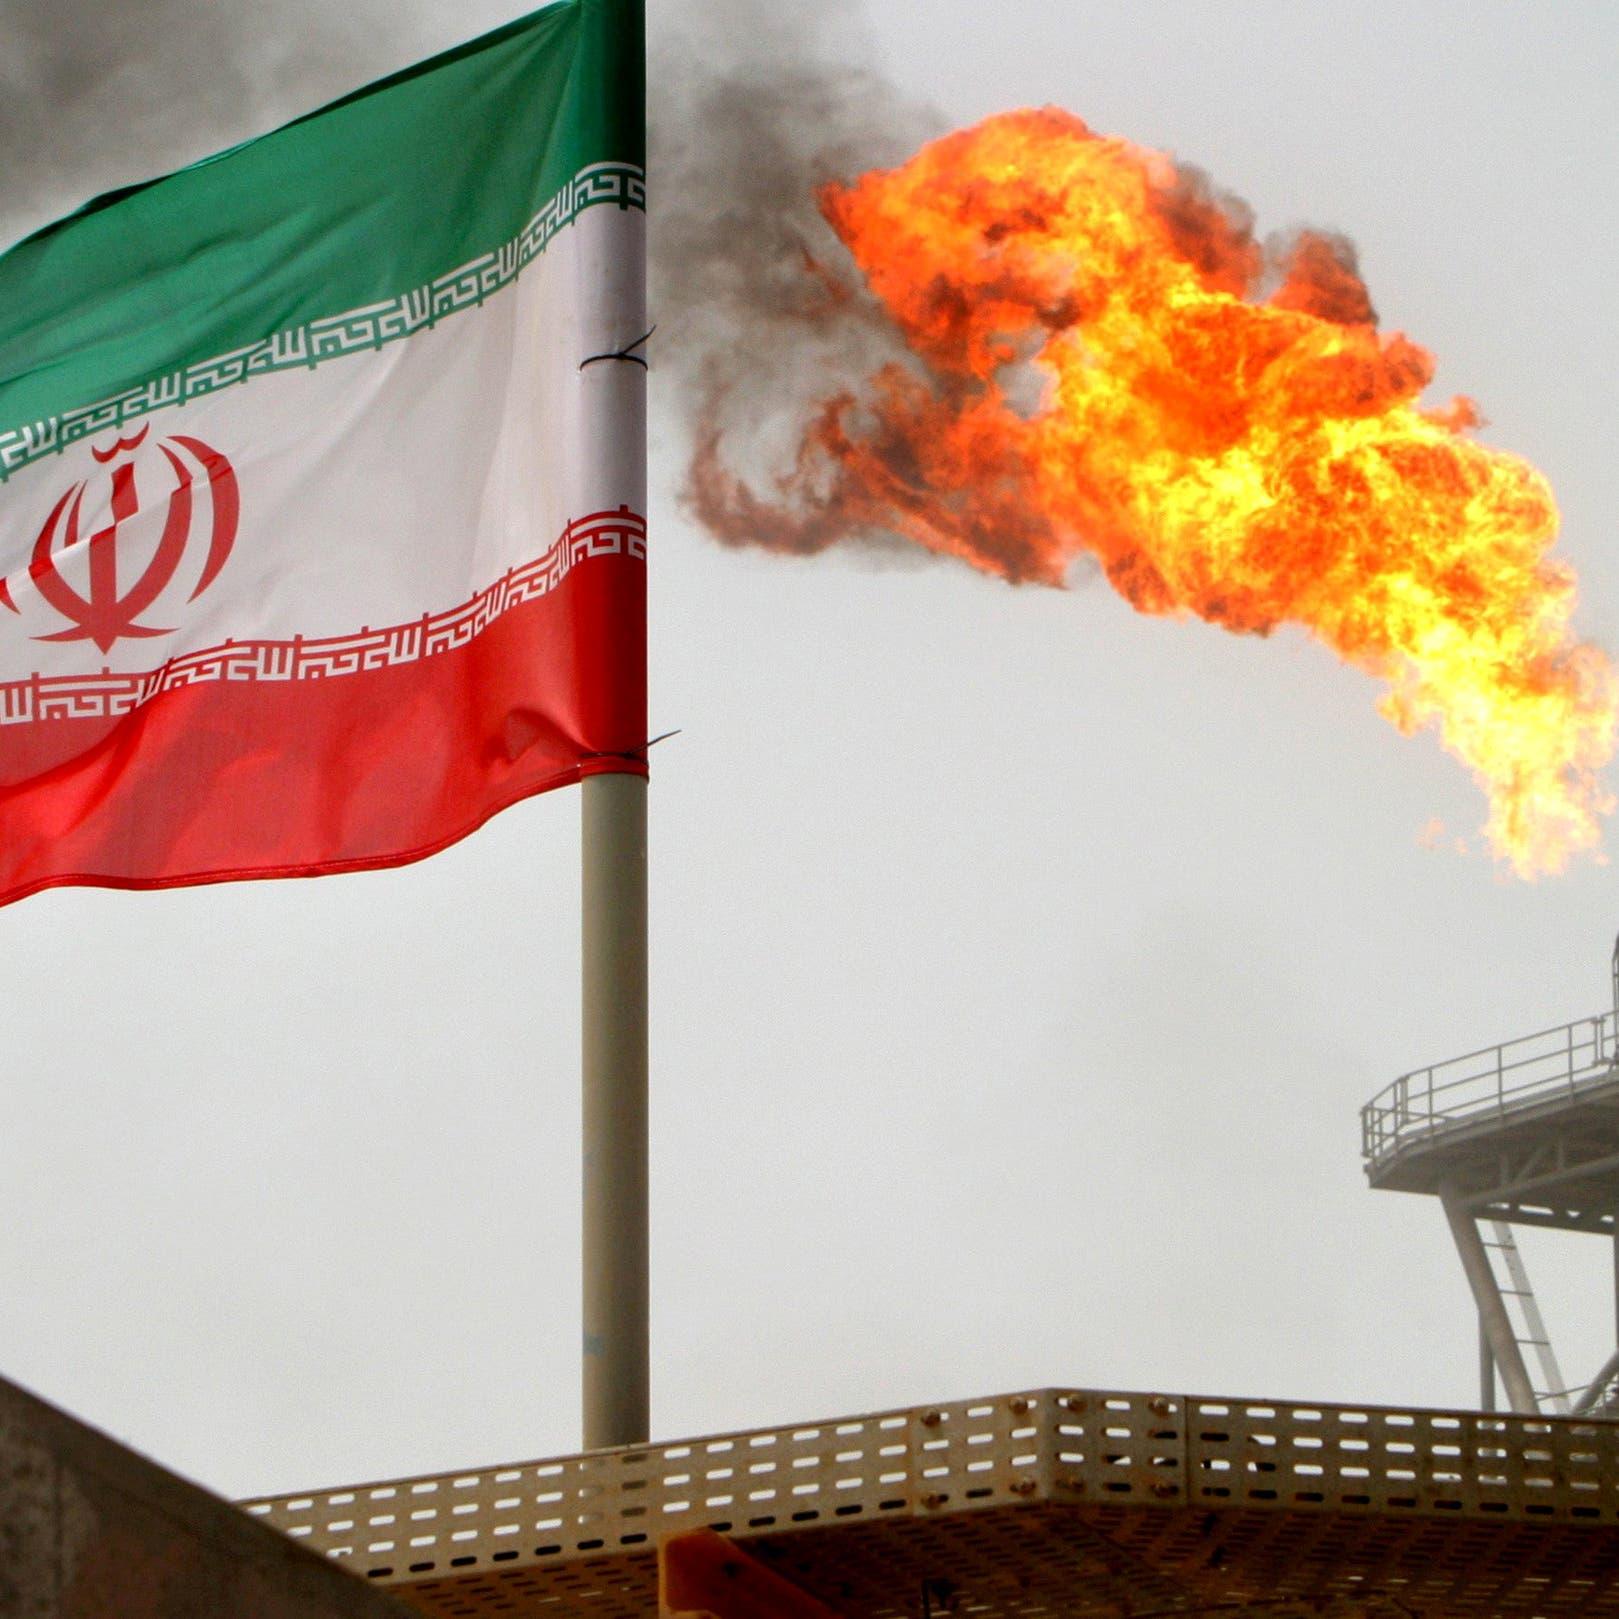 غولدمان ساكس: تعافي الصادرات الإيرانية لن يصدم أسواق النفط